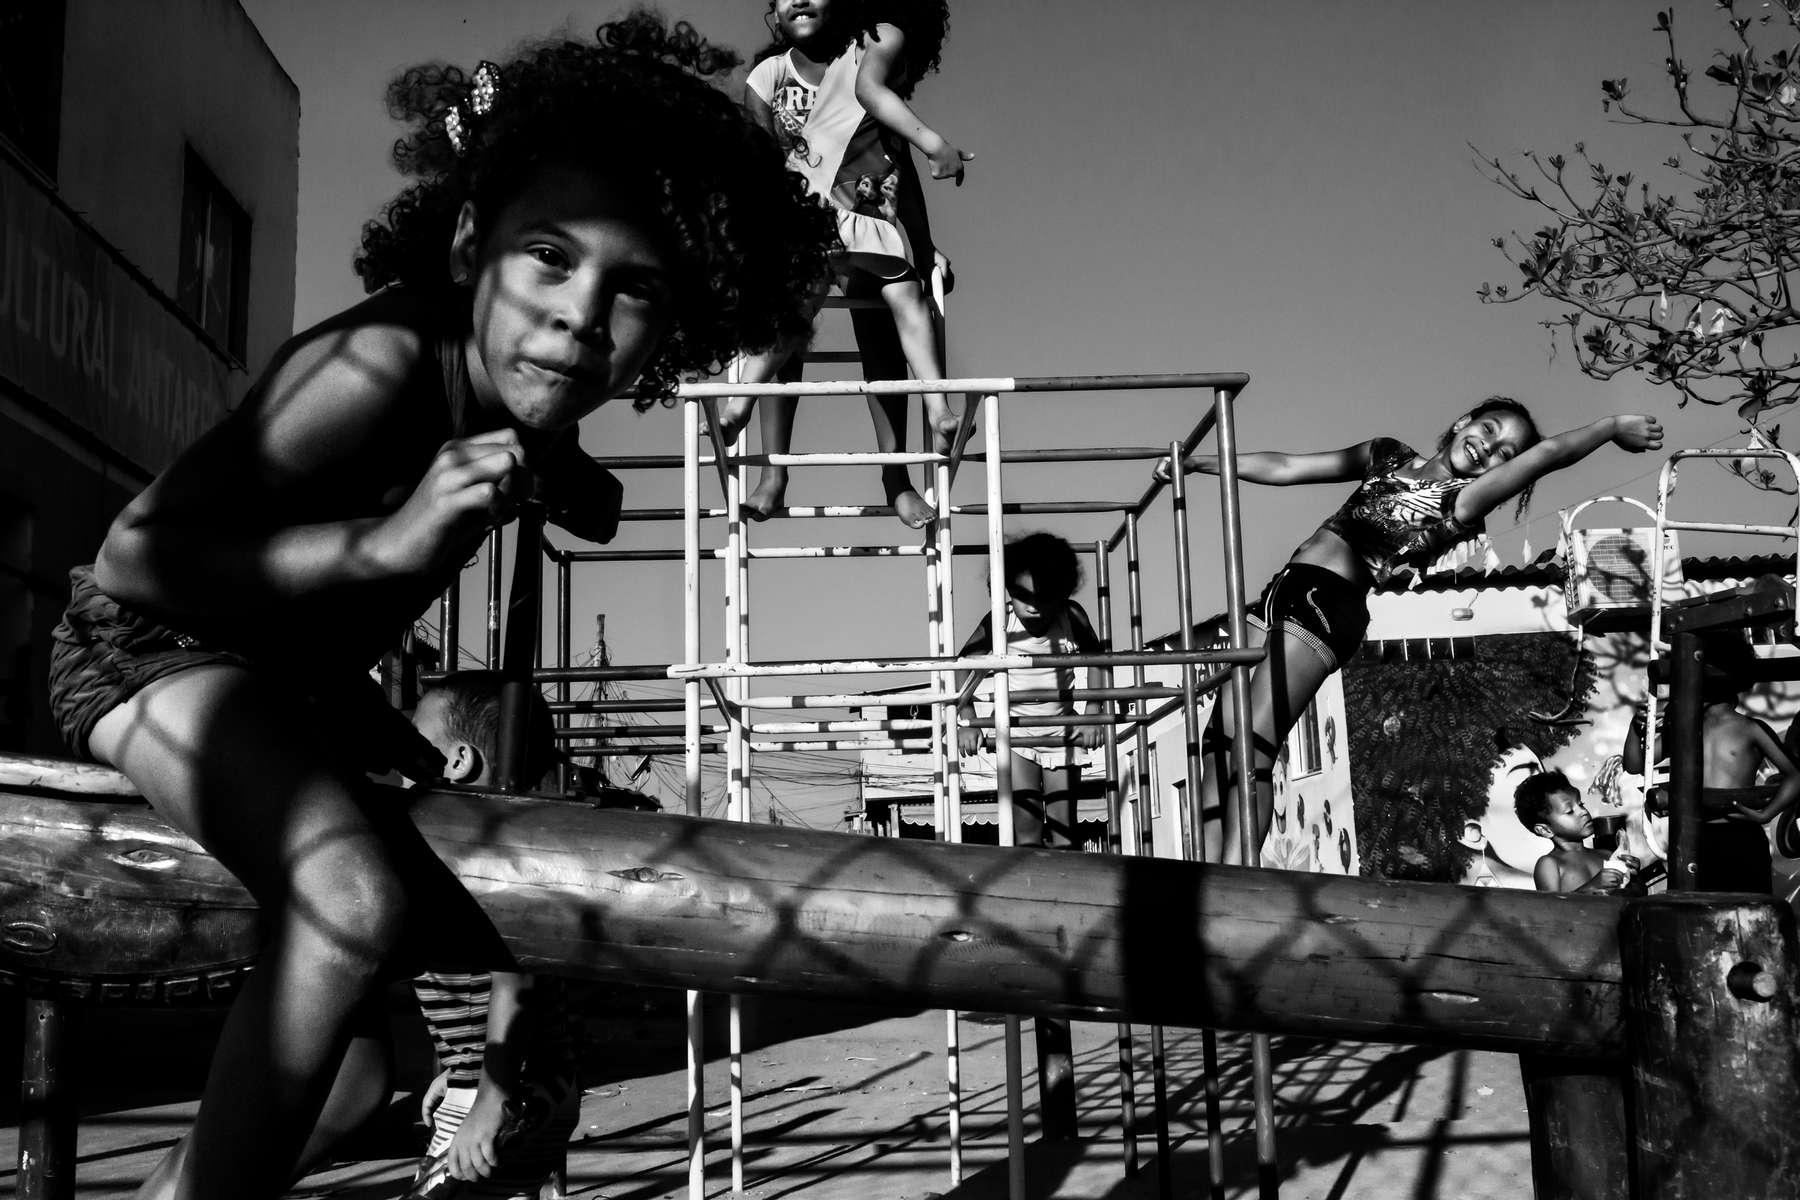 Niños jugando en el patio de juegos en Complexo do Mare, en Río de Janeiro, el 23 de junio de 2013.